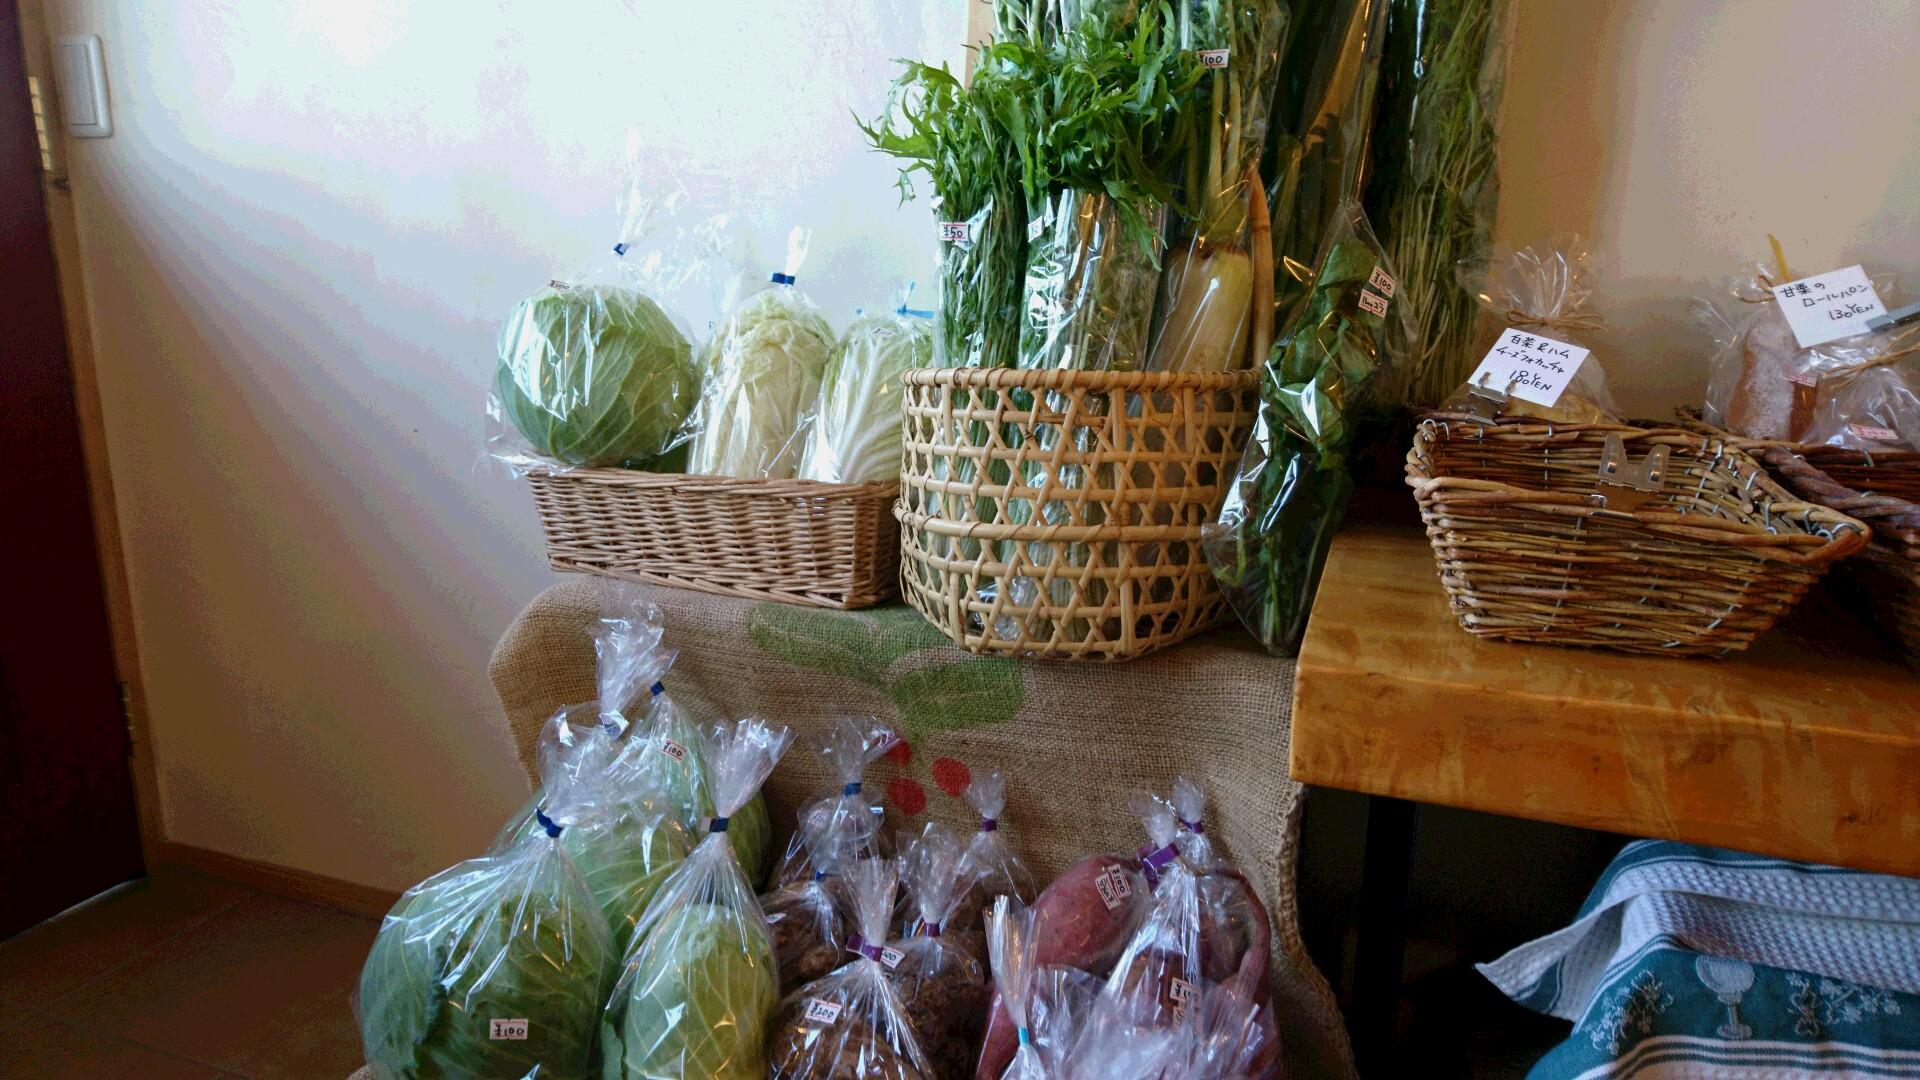 今日も野菜盛りだくさんです。